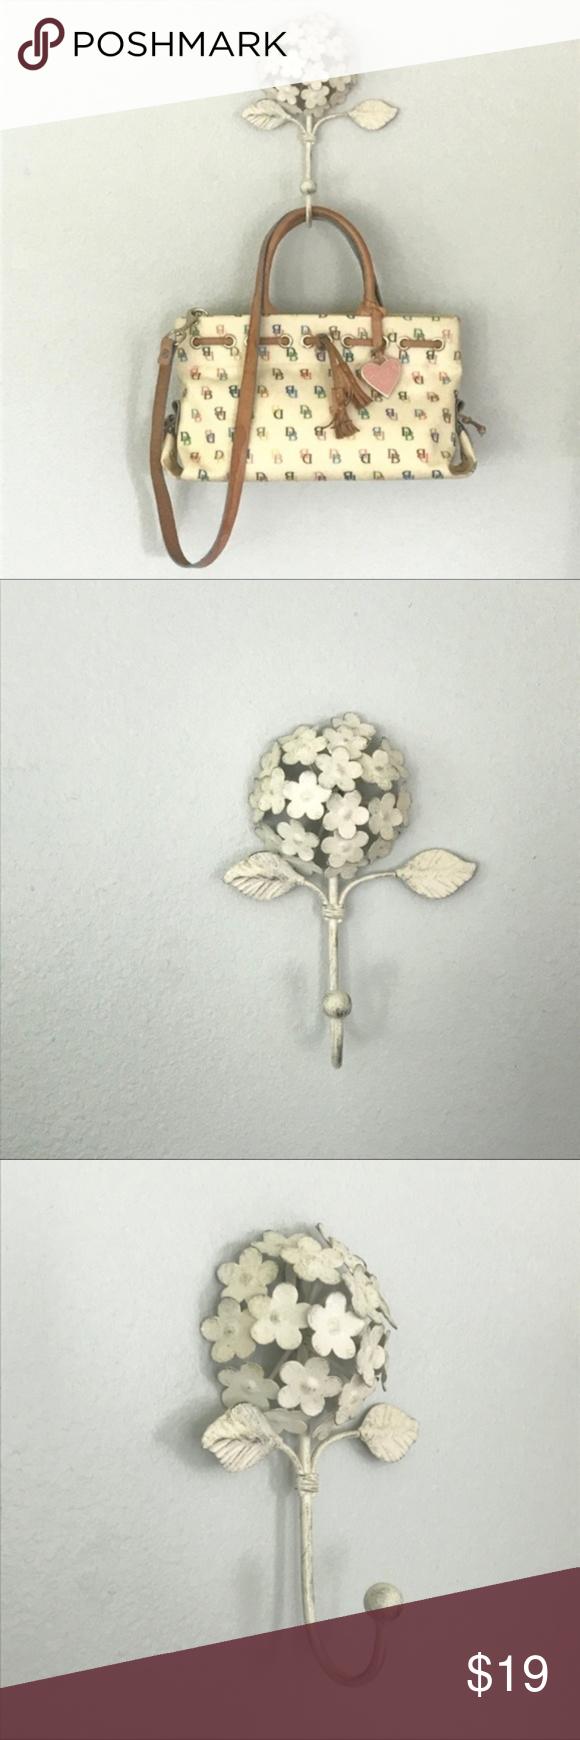 Metal Hydrangea Flower Decorative Wall Hook In 2020 Decorative Wall Hooks Hydrangea Flower Wall Hooks